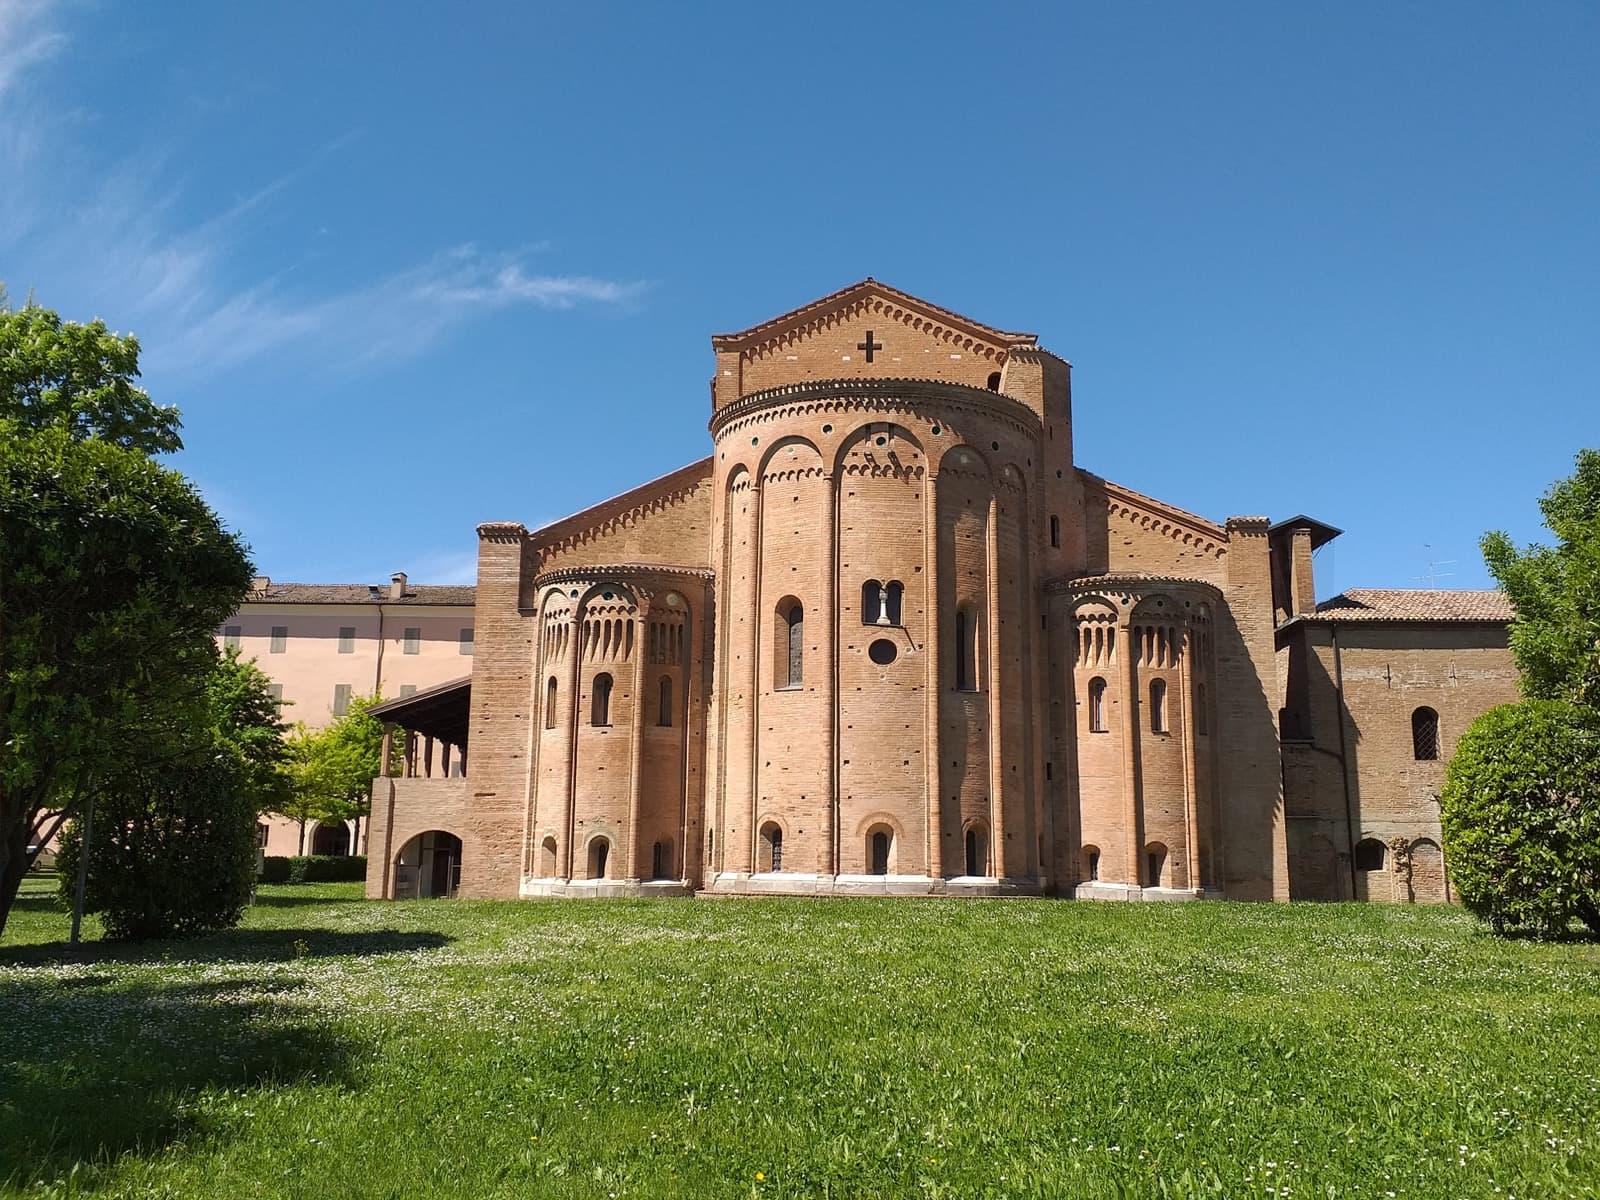 L'entroterra di Modena tra storia e antichi sapori ...